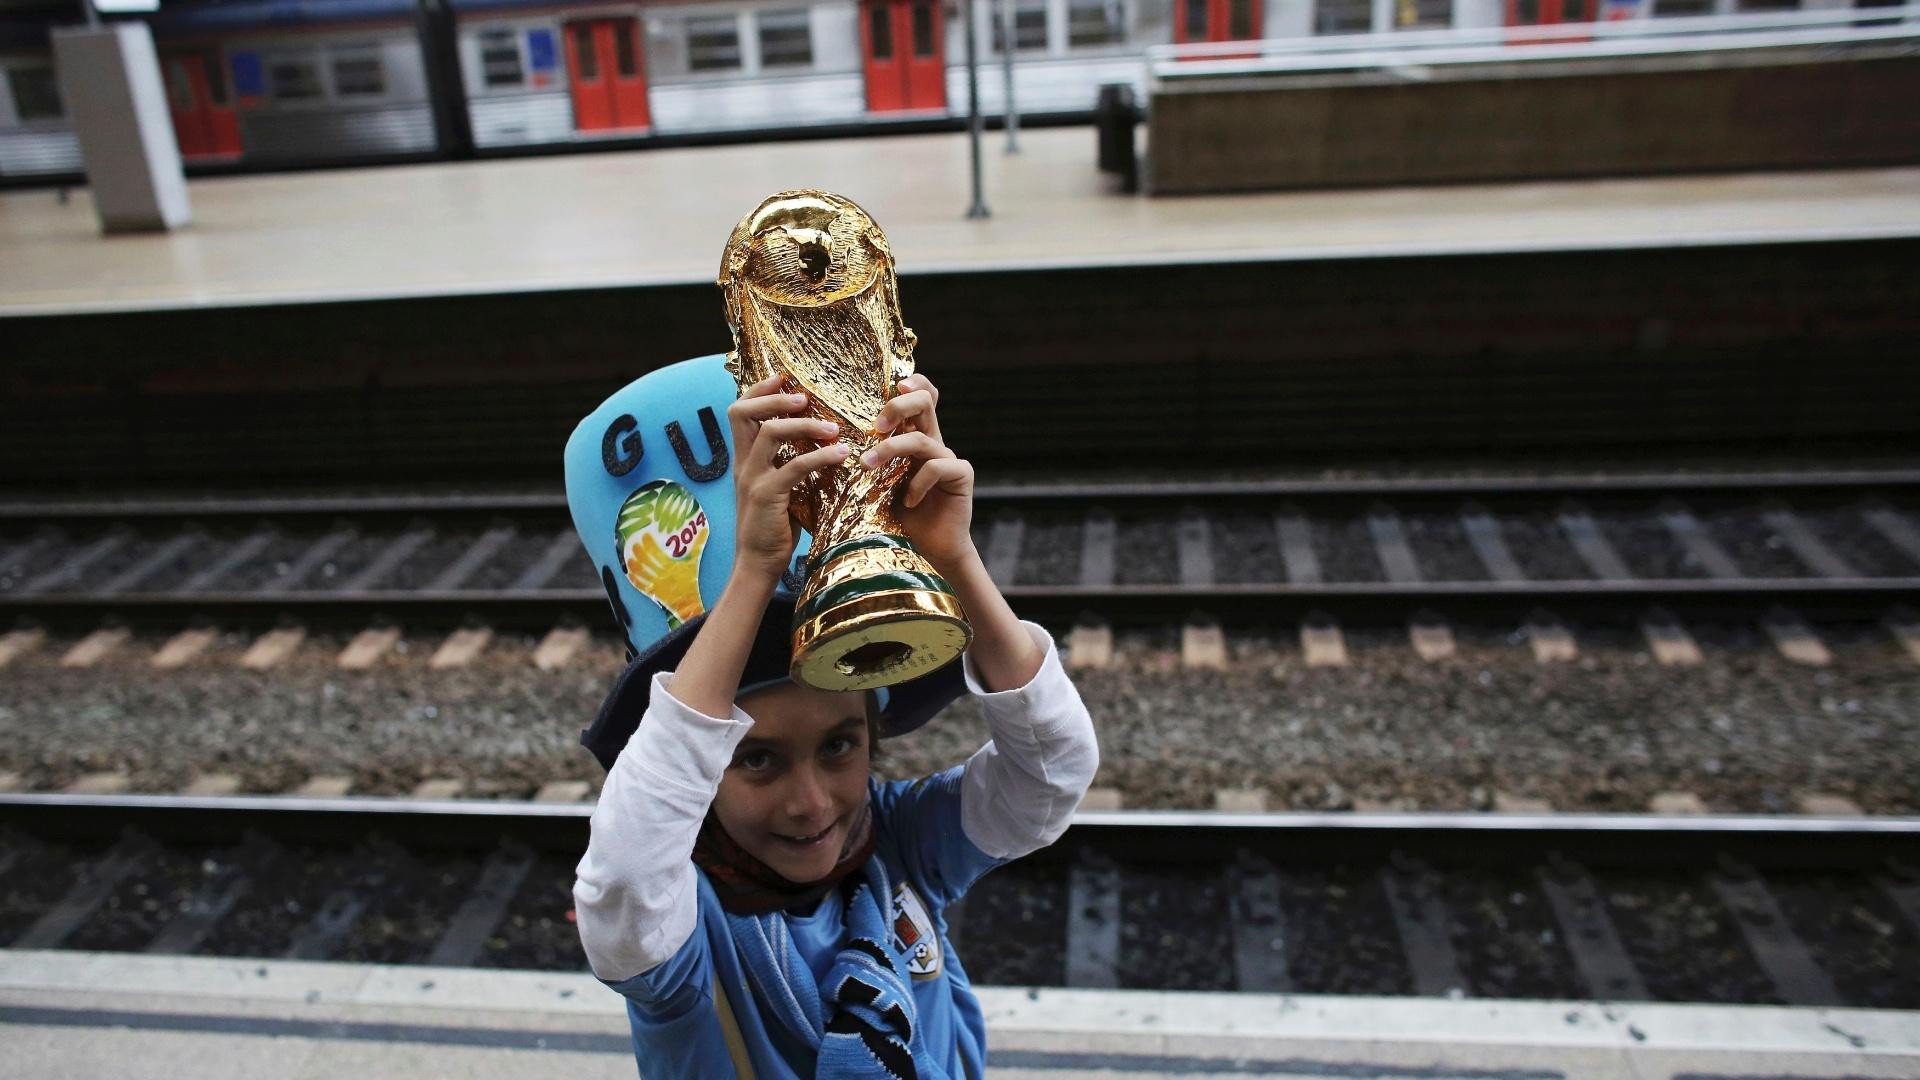 19.jun.2014 - Criança torcedora do Uruguai levanta a taça da Copa do Mundo na estação da Luz, aguardando trem com destino ao Itaquerão, na zona leste de São Paulo